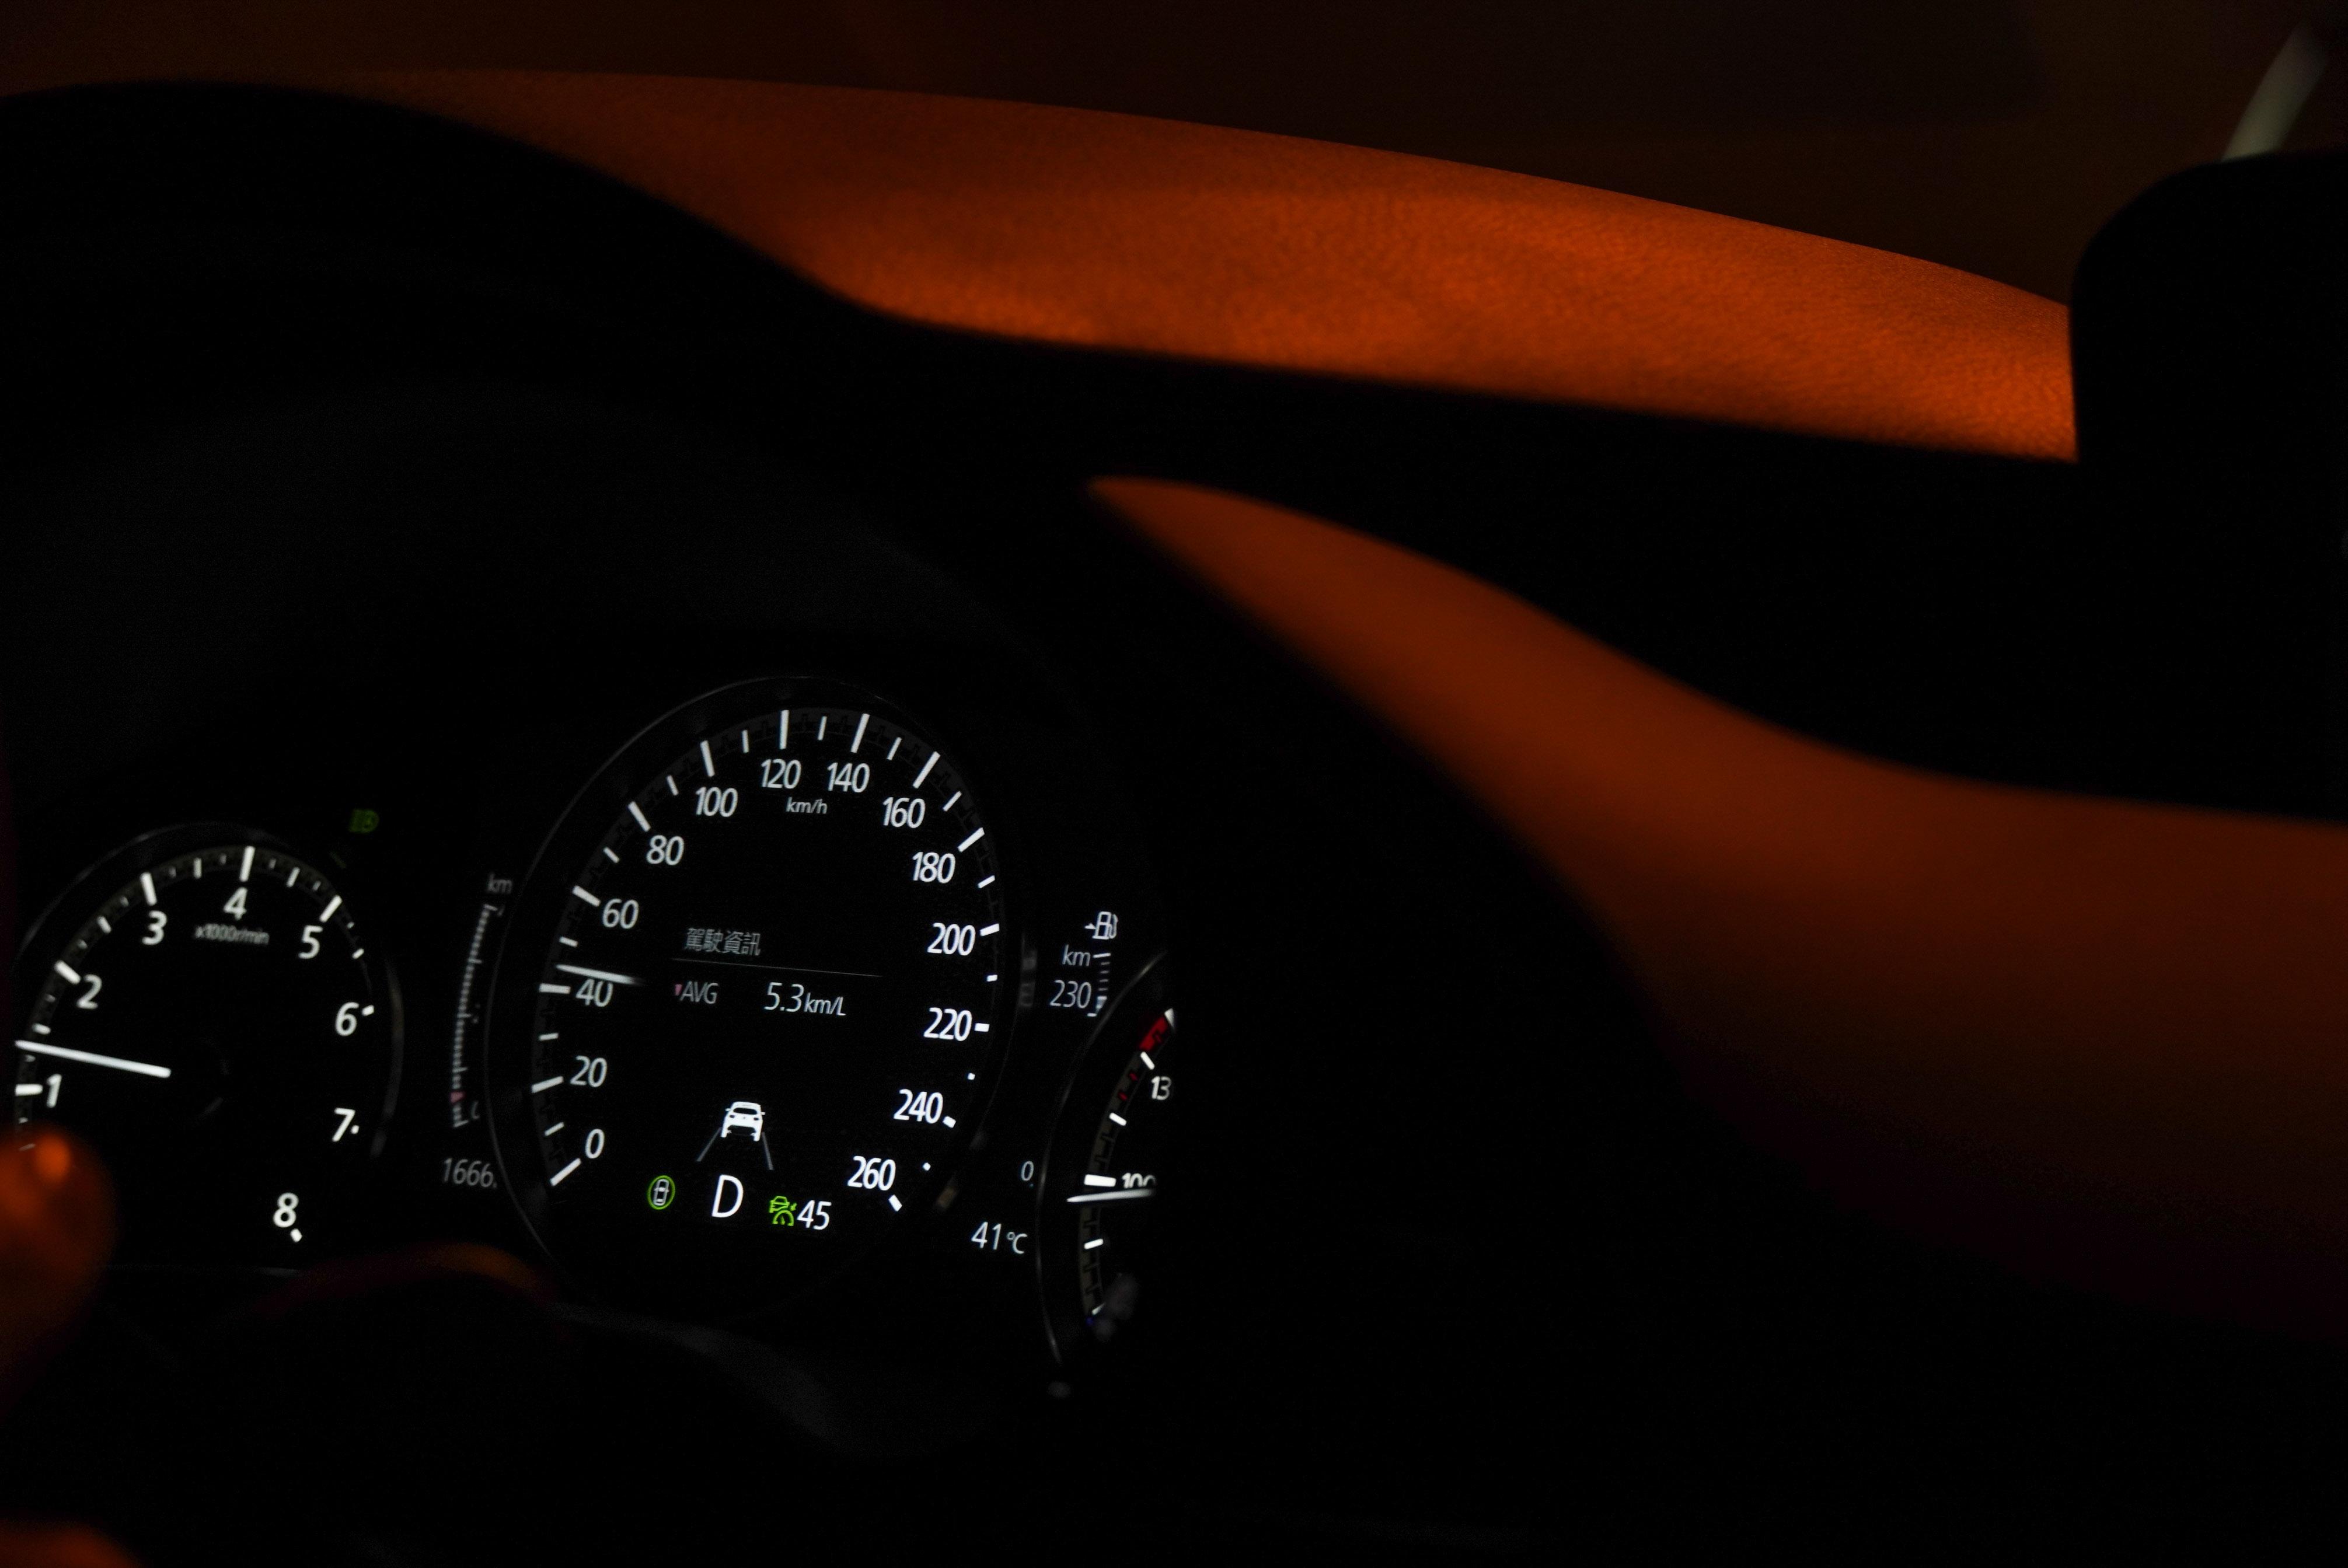 21 年式 Mazda3 尊榮安全型標配全速域主動車距控制巡航系統(MRCC)、巡航模式車道維持輔助系統(CTS)、智慧前行煞車輔助系統(SBS)等主動安全配備。